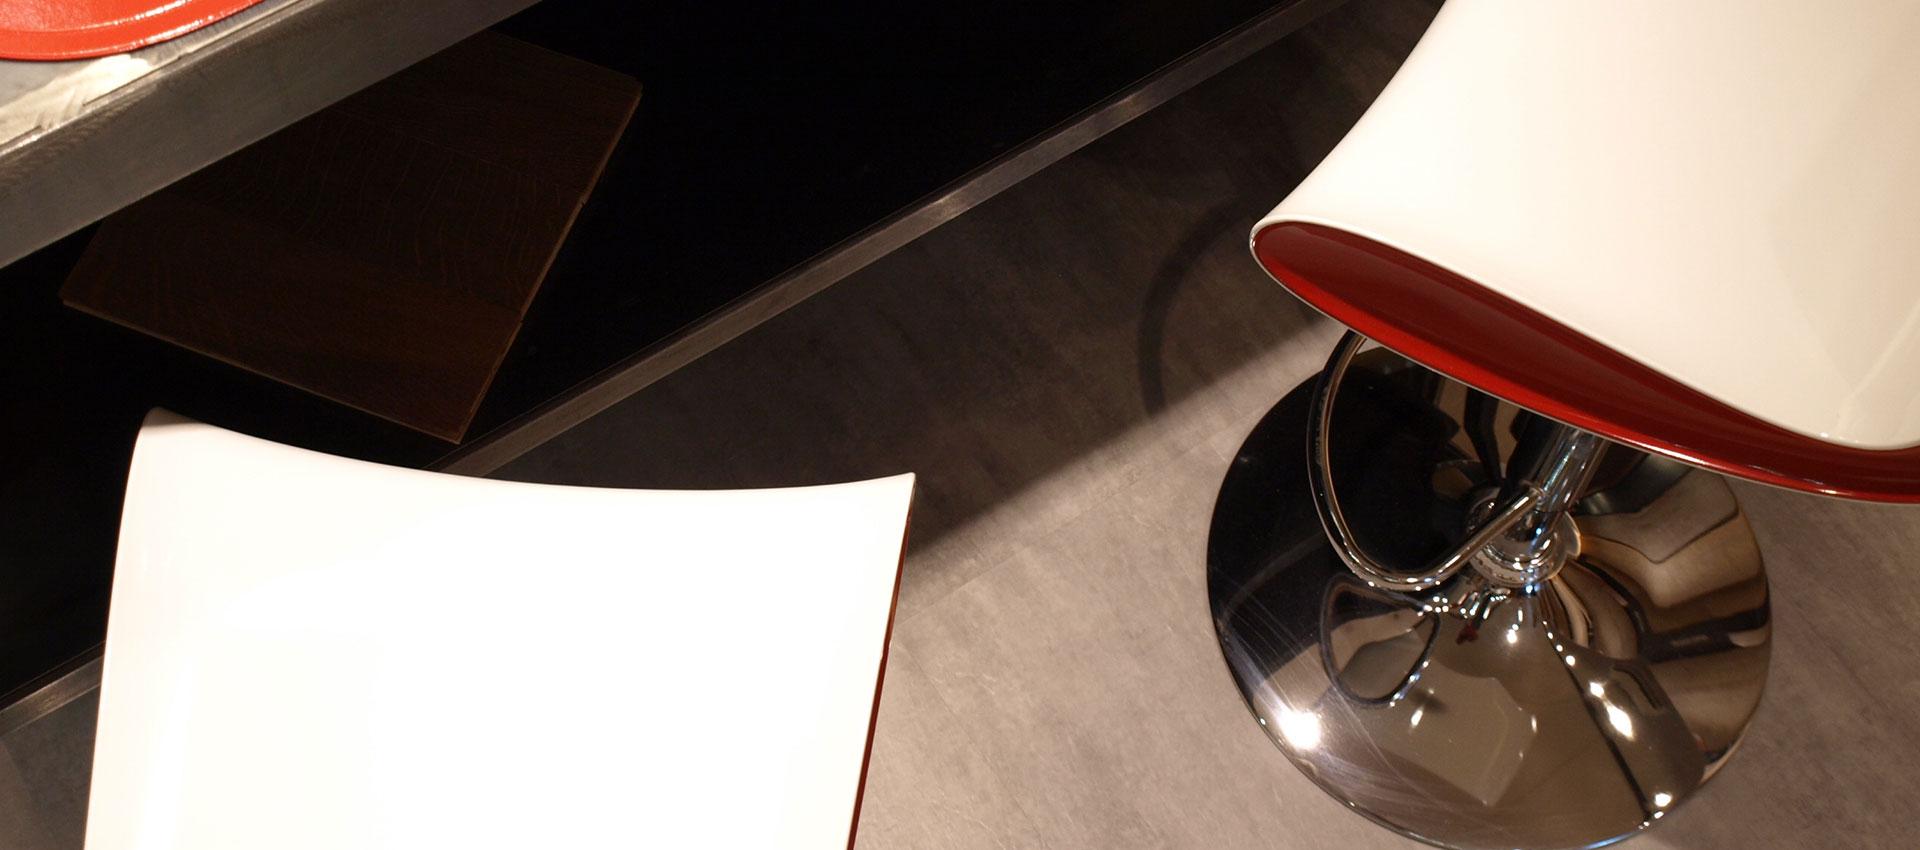 Dettaglio pavimento cucina PVC cemento grigio